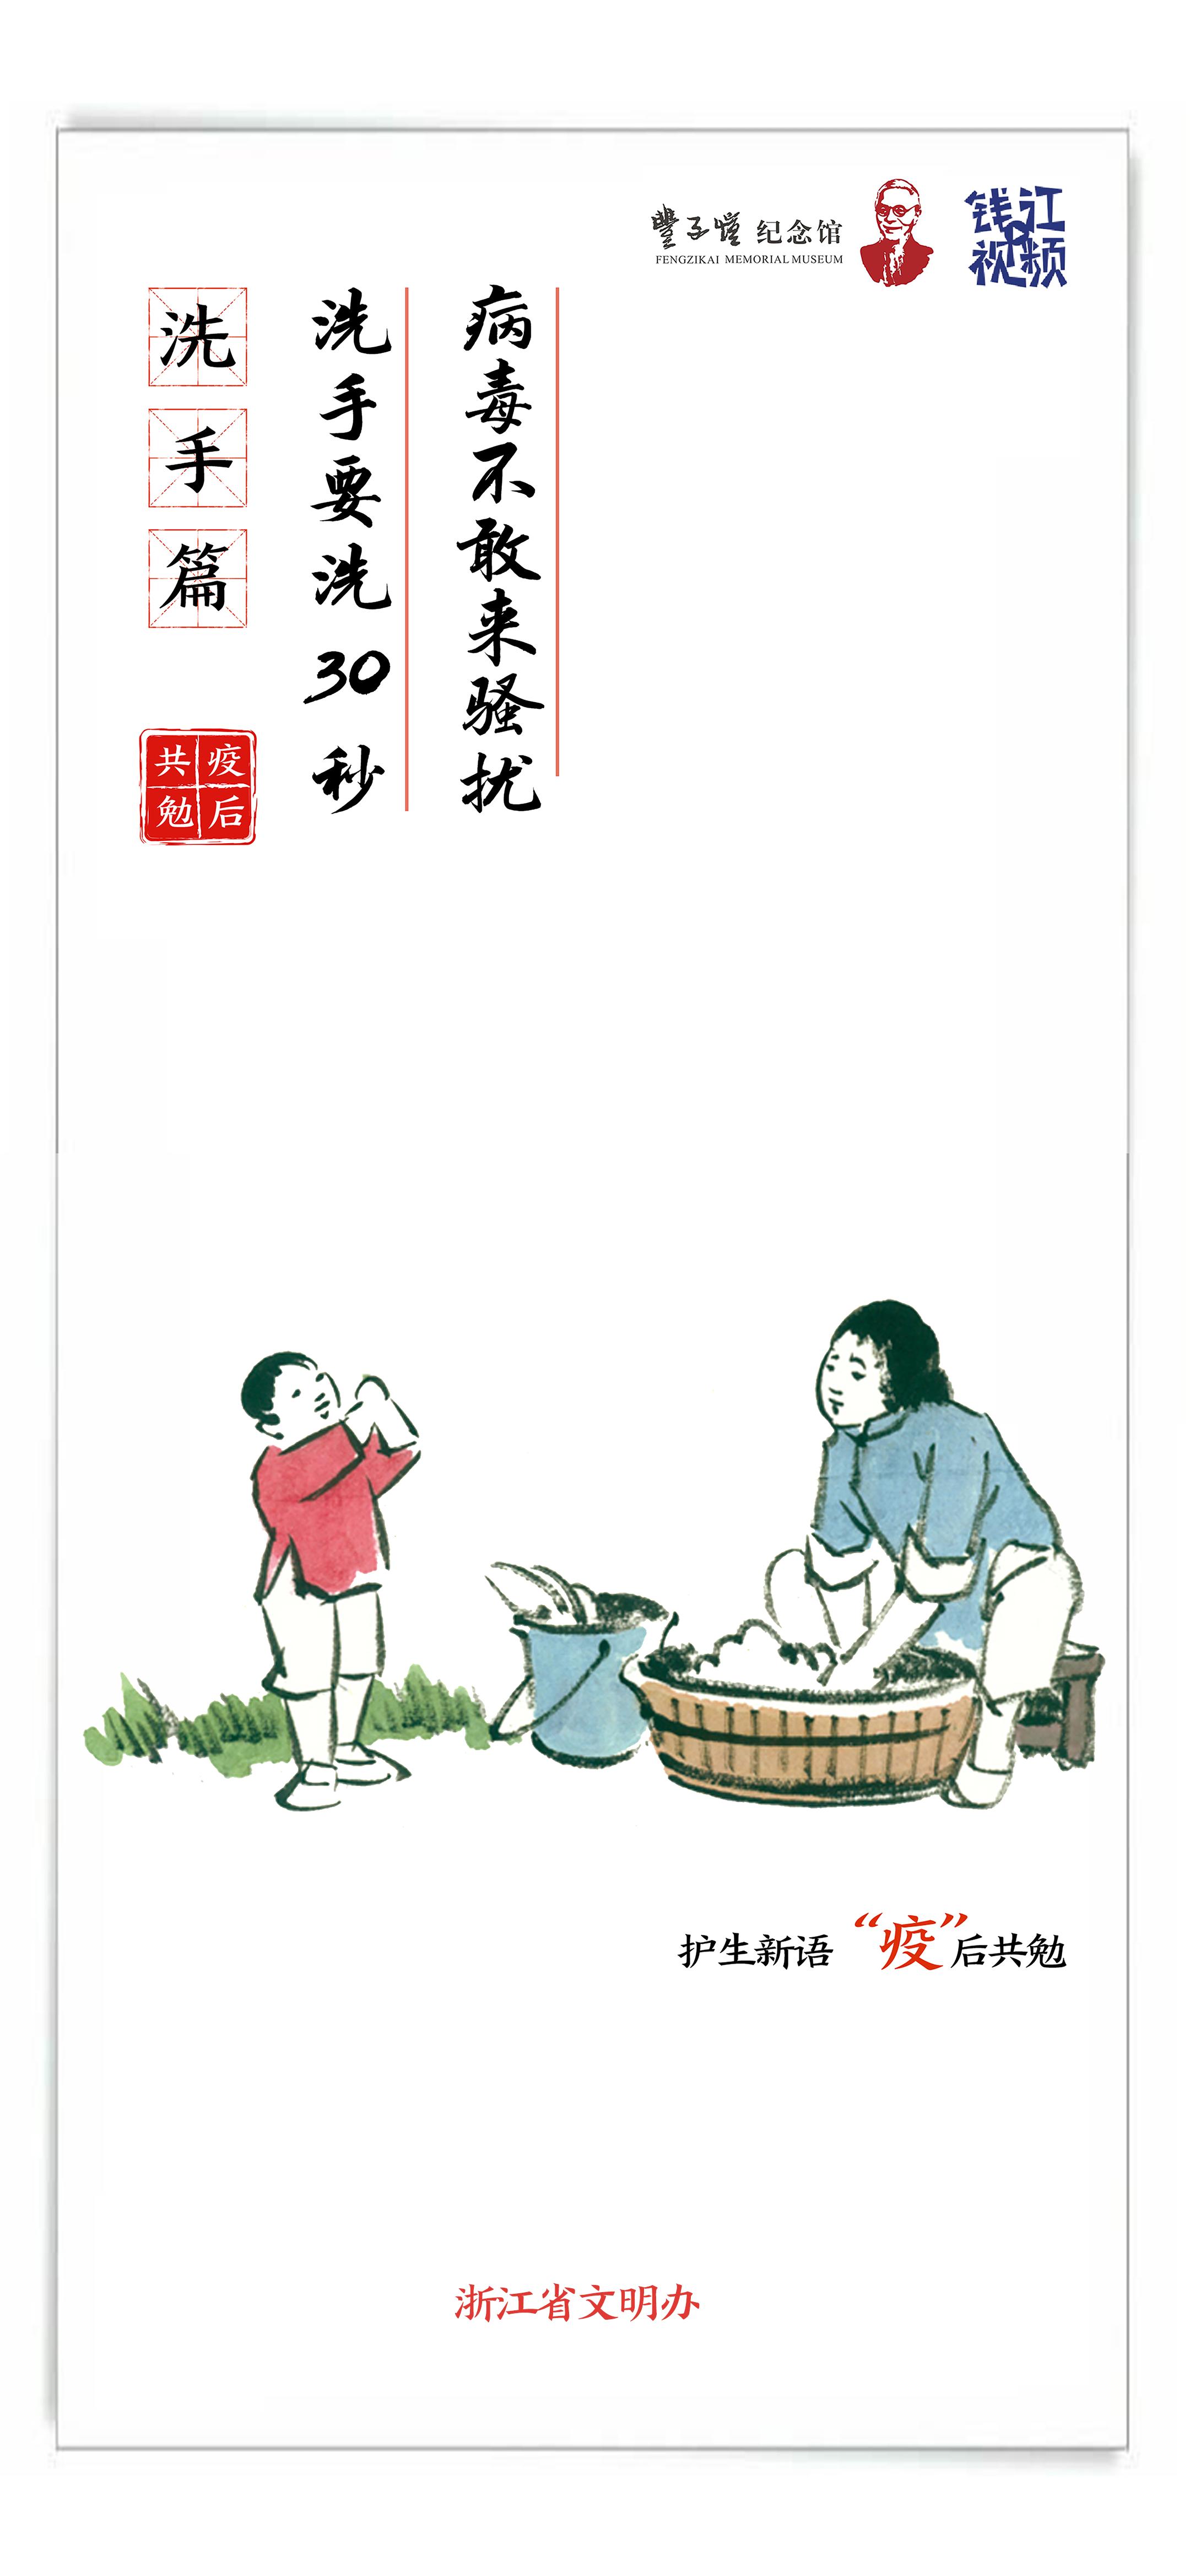 钱江视频-丰子恺主题抗疫公益广告08